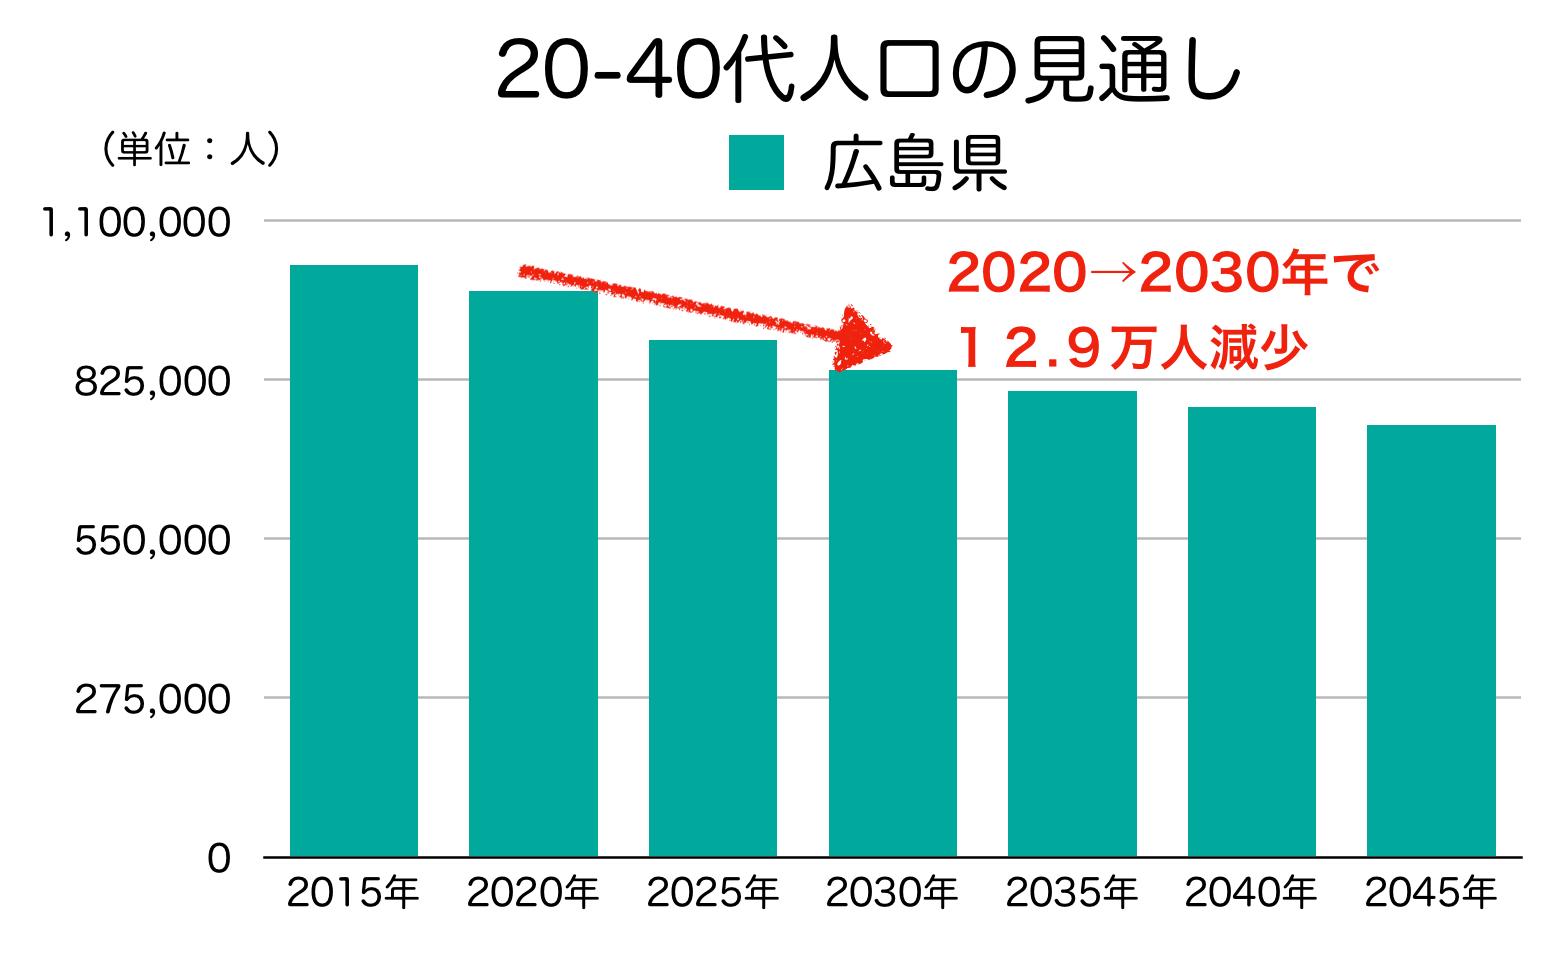 広島県の20-40代人口の見通し